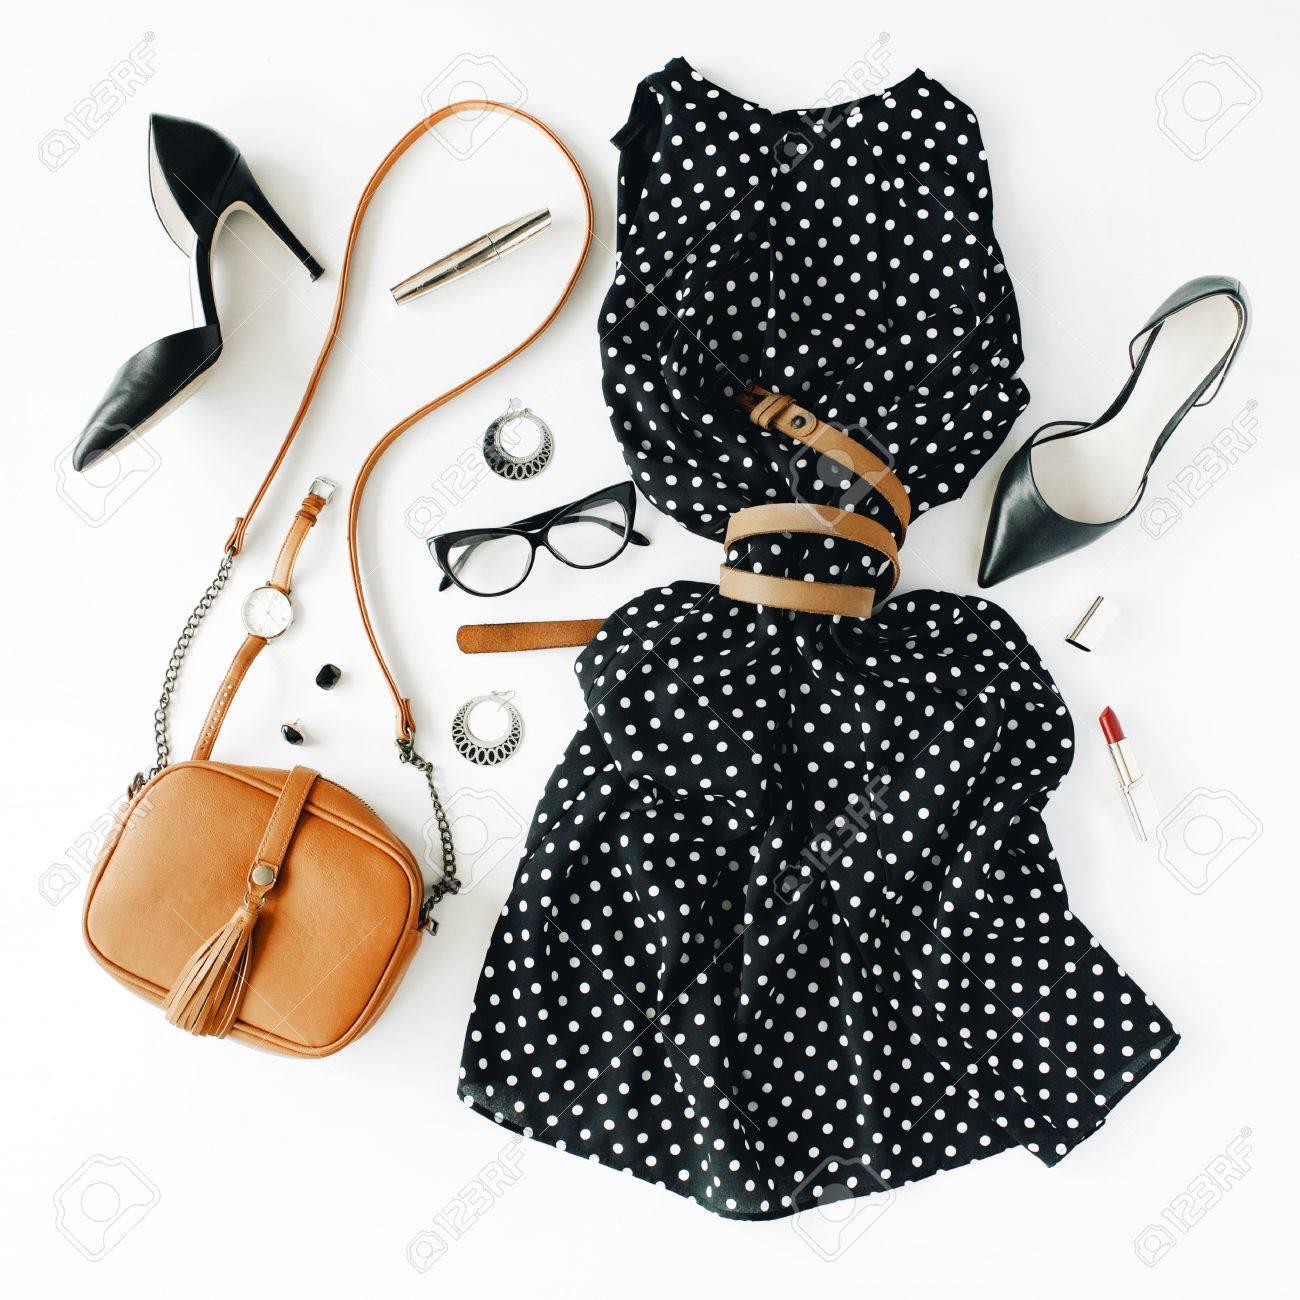 Planas Ropa Y Accesorios Feminini Laicos Collage Con Vestido Negro Gafas Zapatos De Tacón Alto Bolso Reloj Máscara De Pestañas Lápiz De Labios